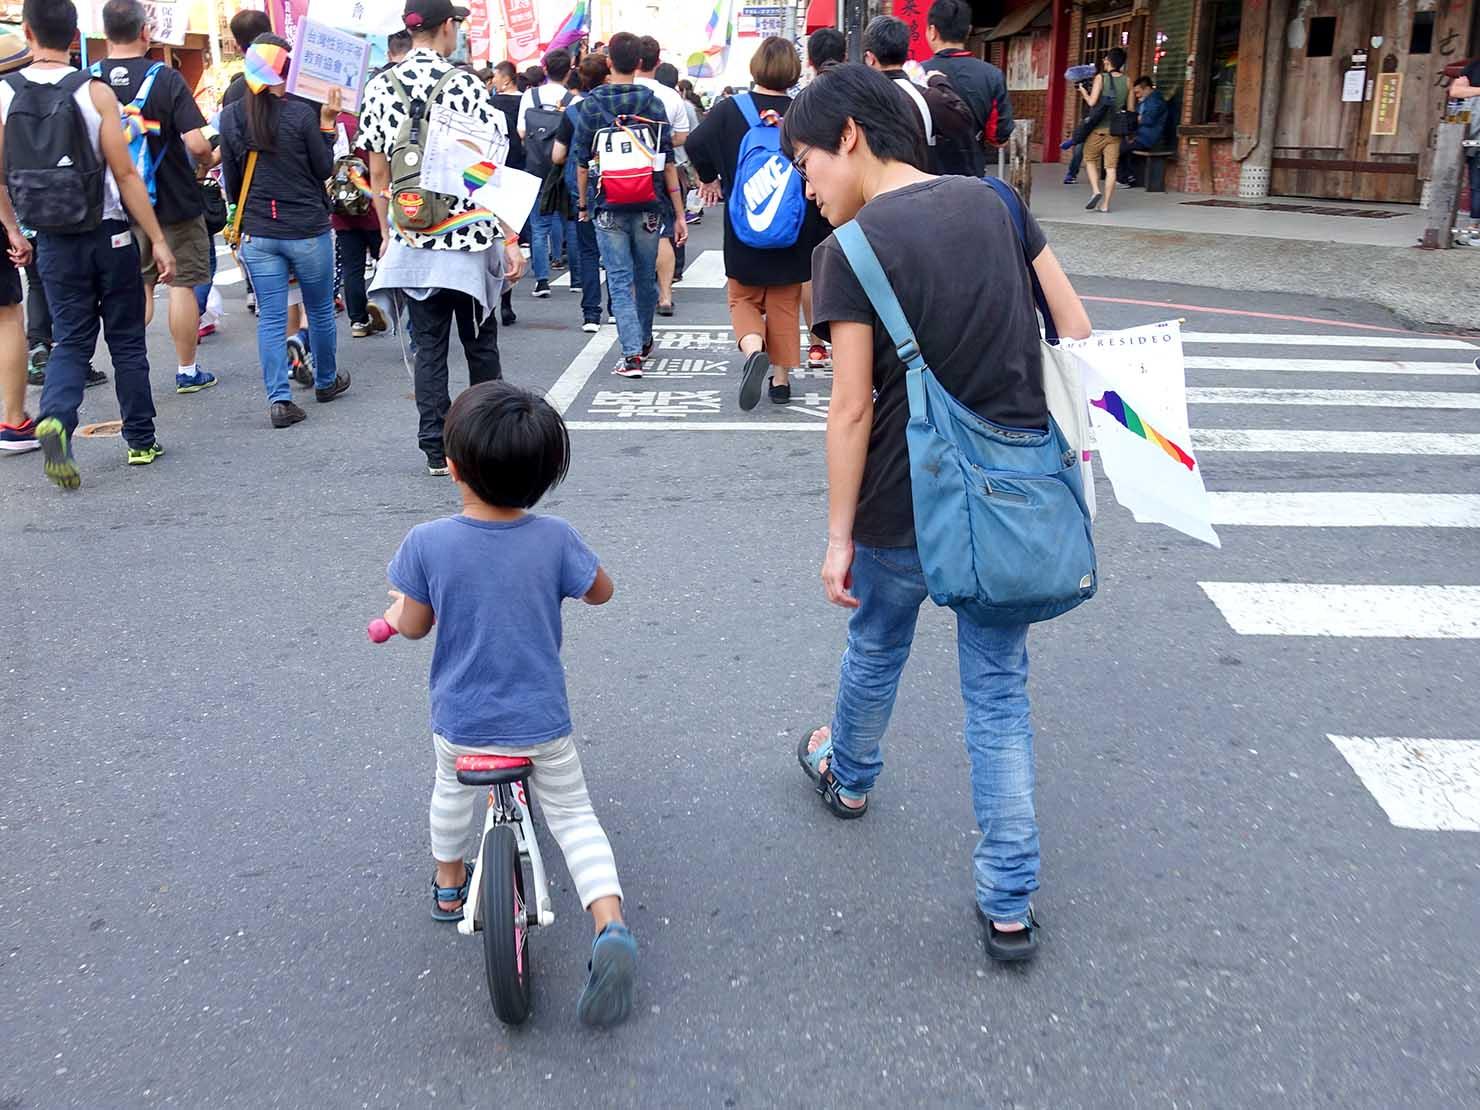 2018年台湾最初のLGBTプライド「台南彩虹遊行(台南レインボーパレード)」に参加する親子